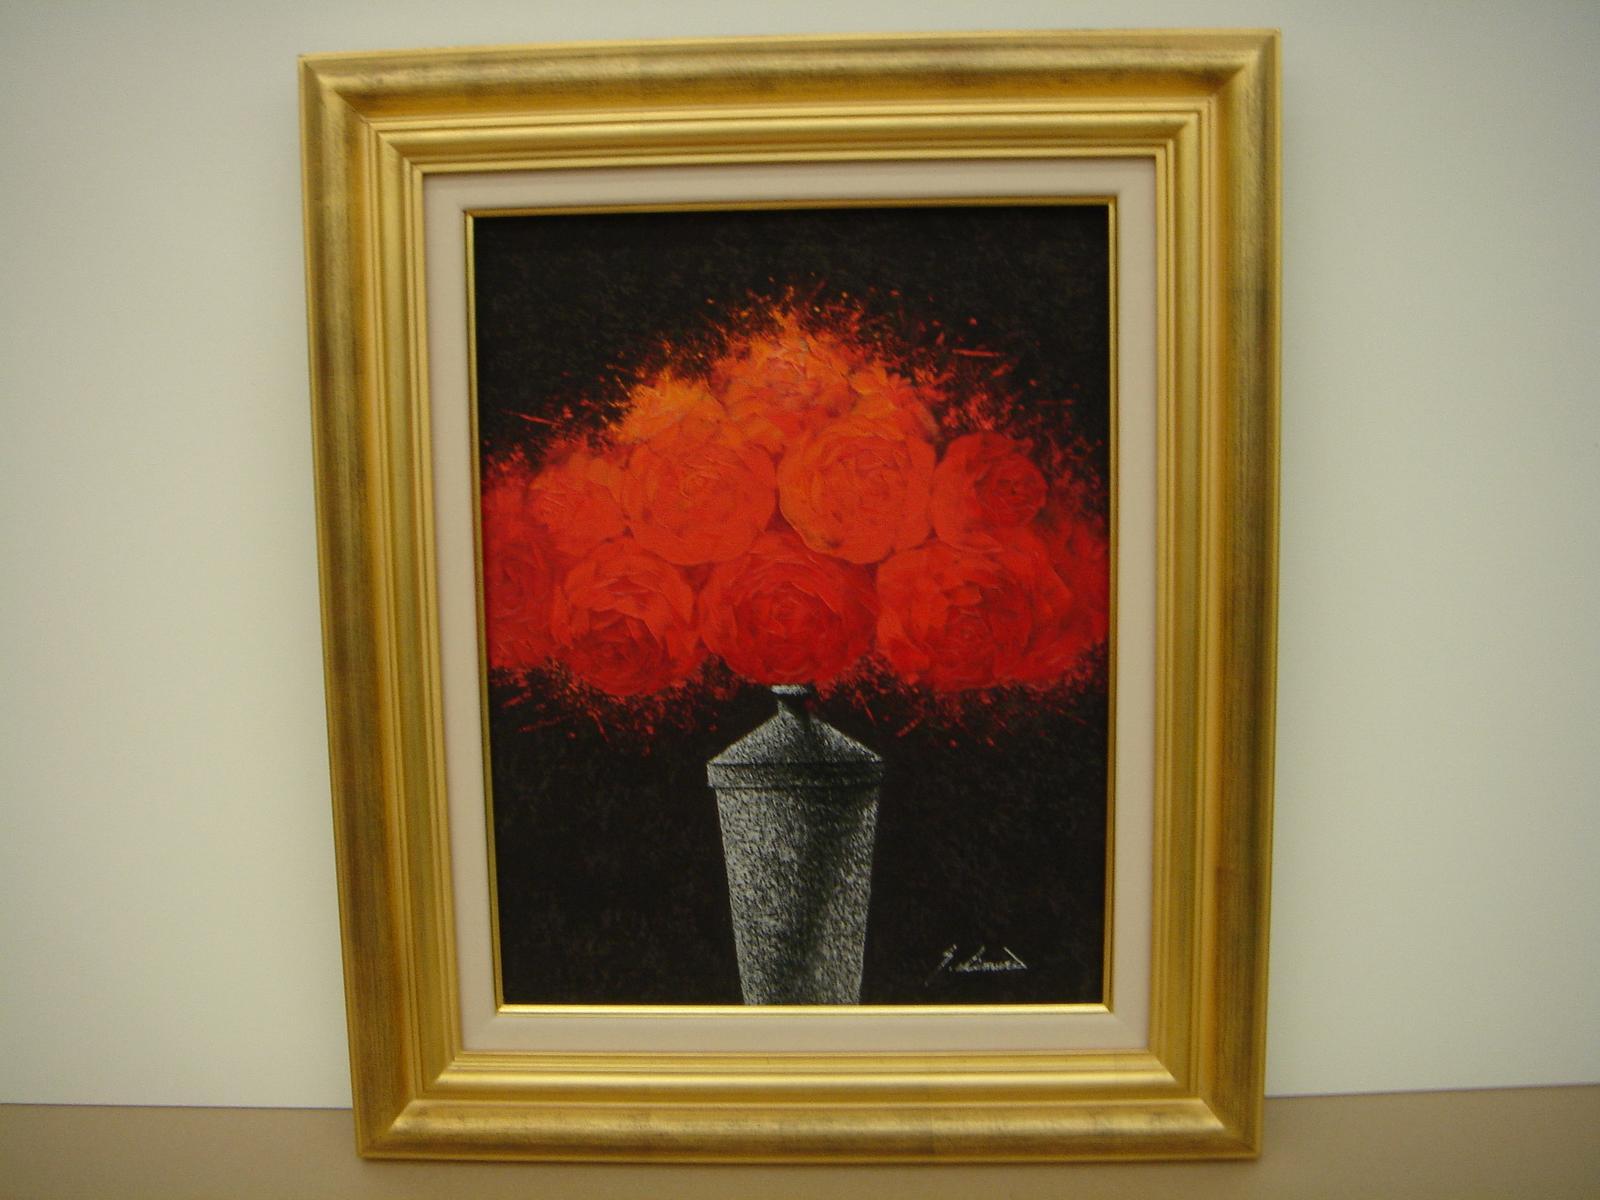 絵画・油絵・油絵額・赤いバラの絵・花の絵 F4